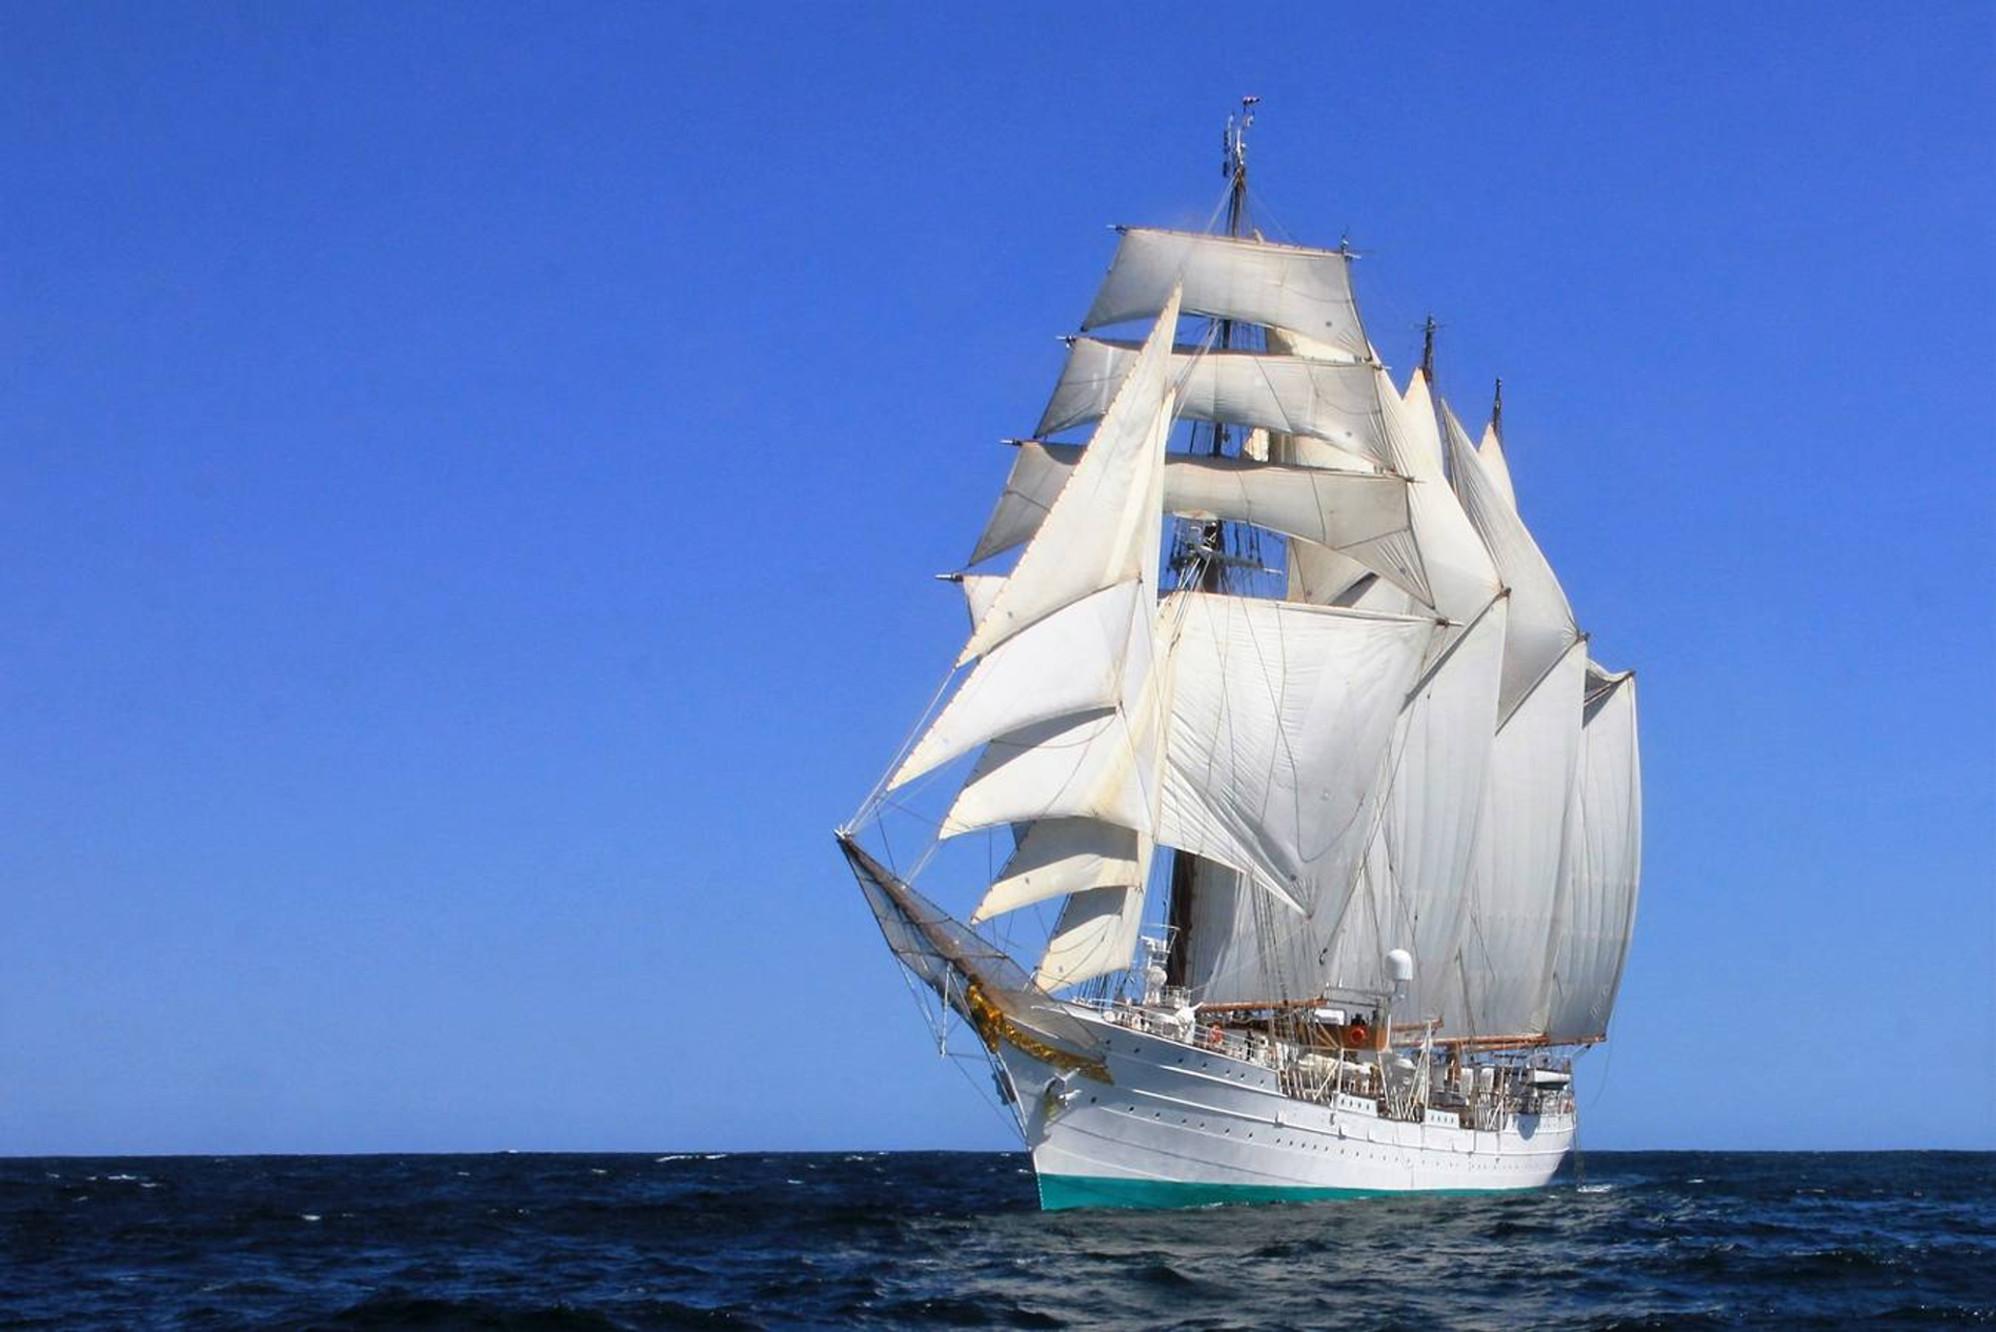 Cruzar el Atlántico en 28 días a bordo del Juan Sebastián de Elcano